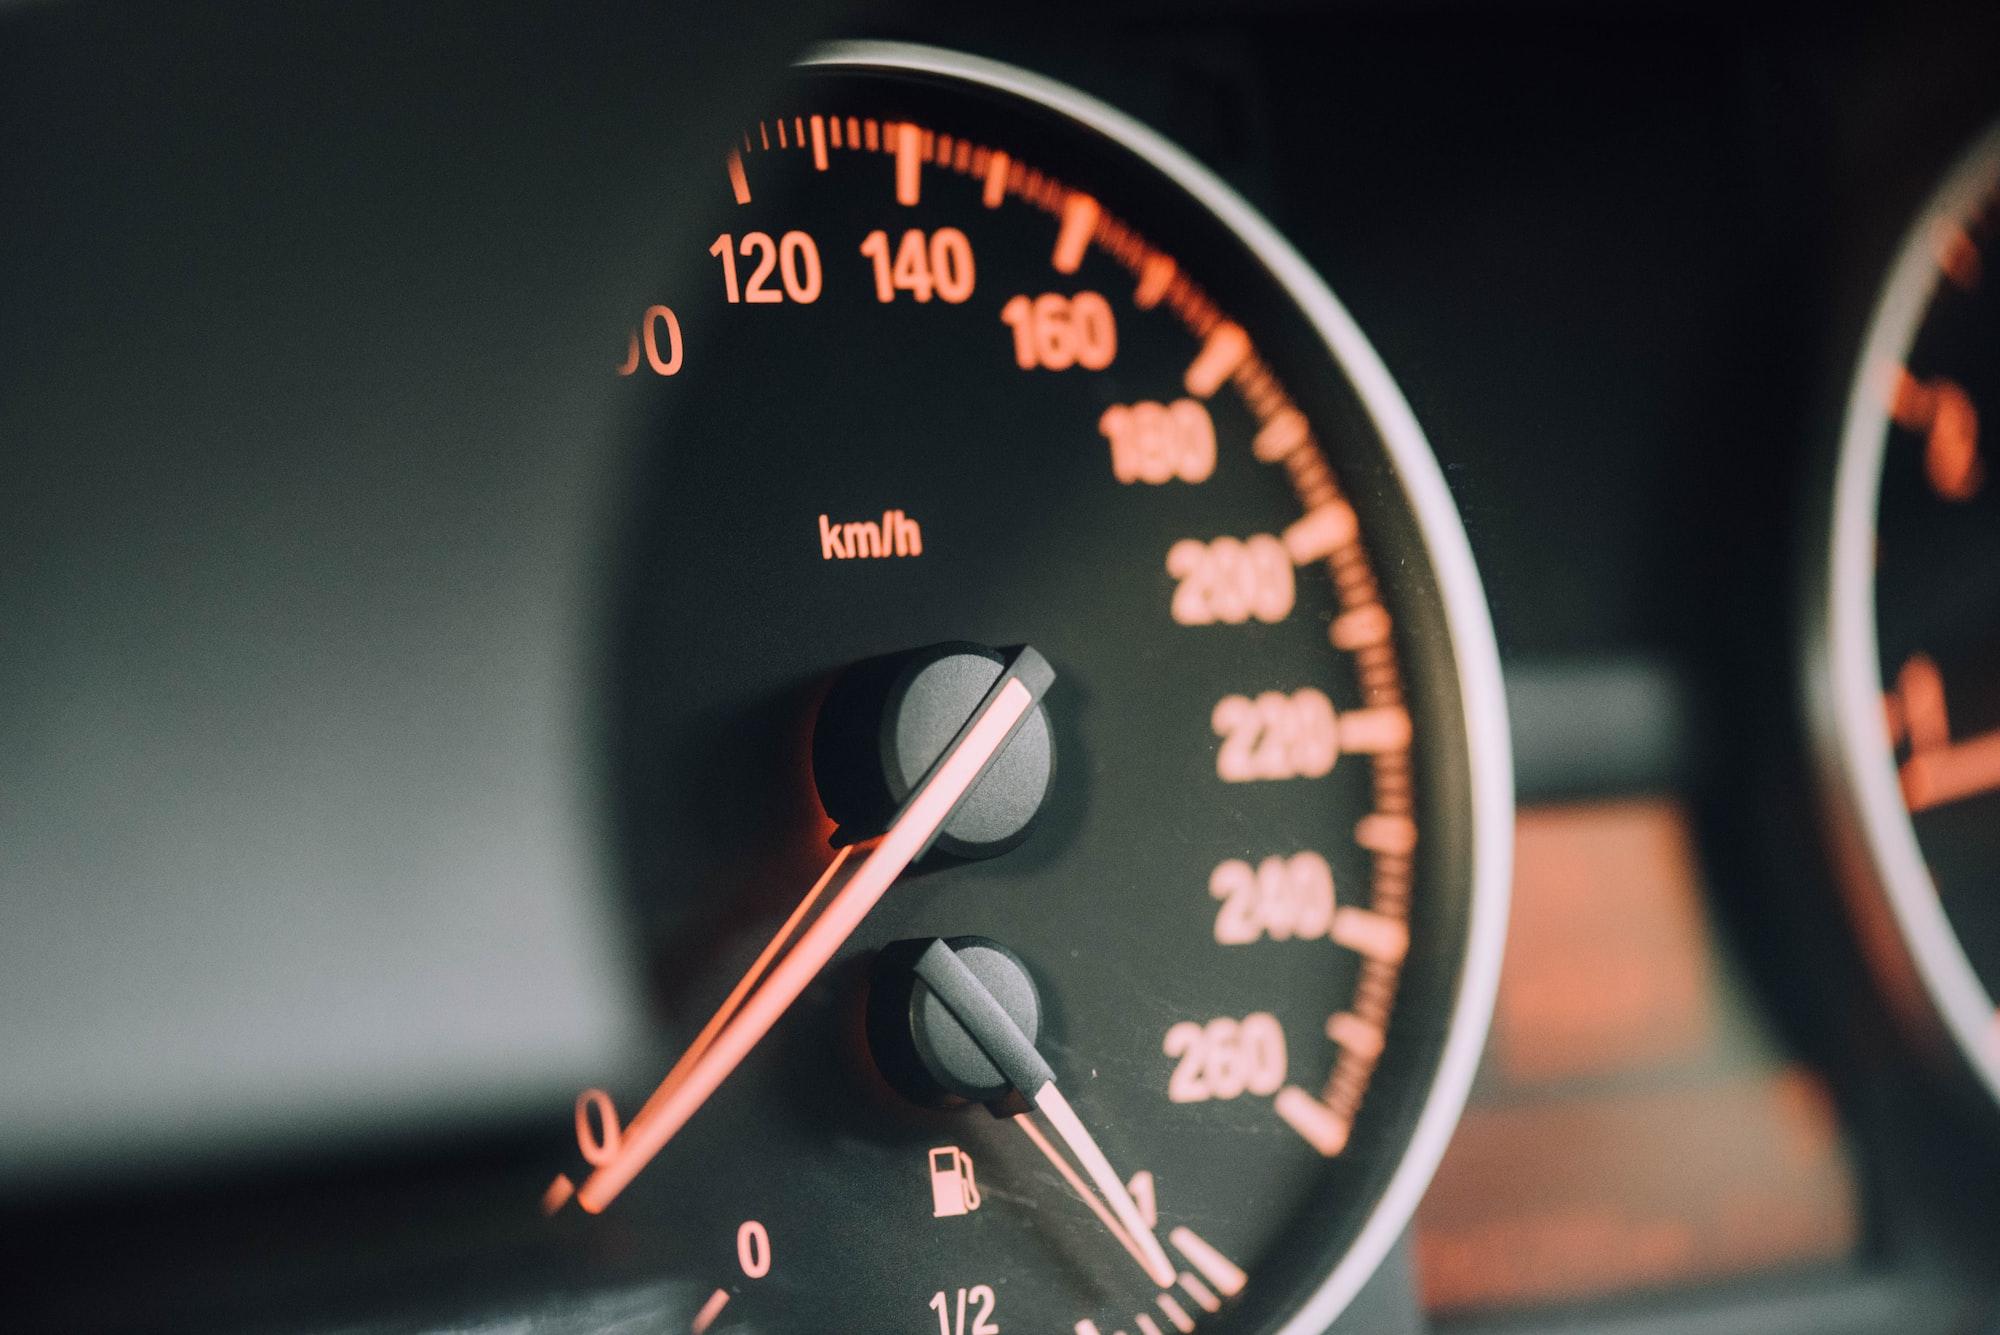 Open Source Car Control позволяет отправлять команды управления транспортному средству